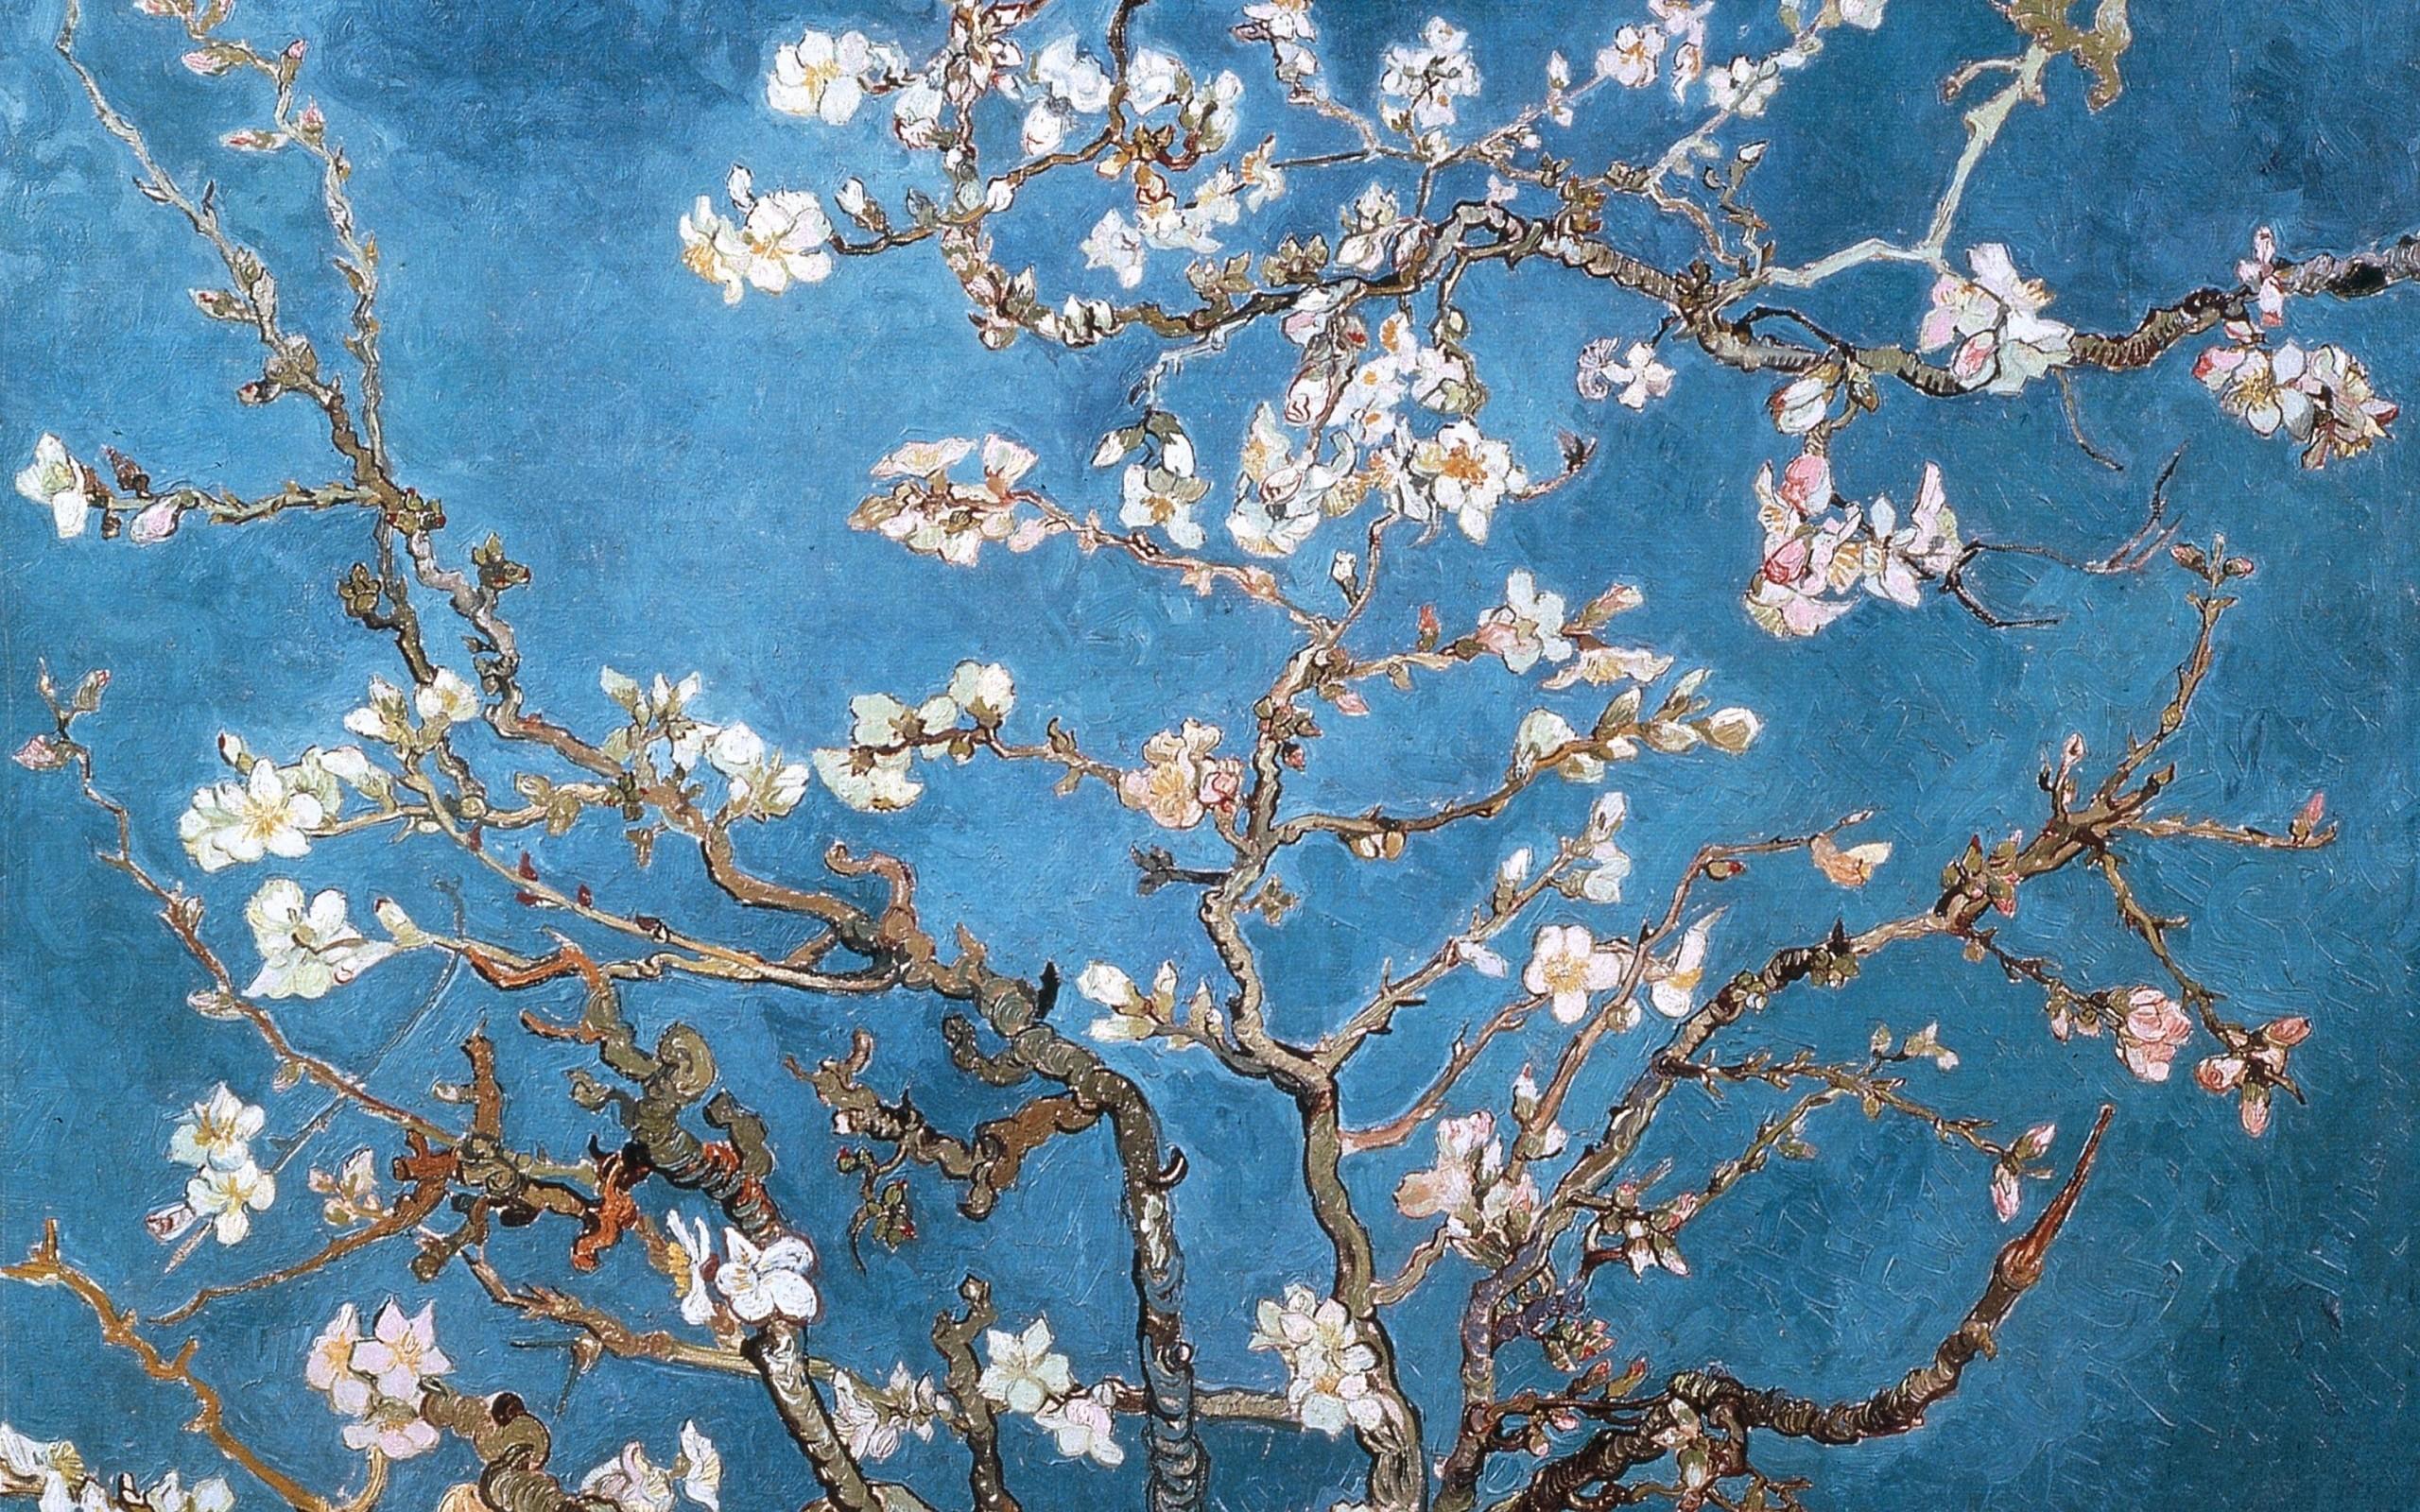 Terrific Blossoms Vincent Van Gogh Artwork Almond Wallpaper Arthd Wallpaper Van Gogh Wallpaper Van Gogh Wallpaper Iphone Van Gogh Wallpaper Walls houzz-02 Van Gogh Wallpaper